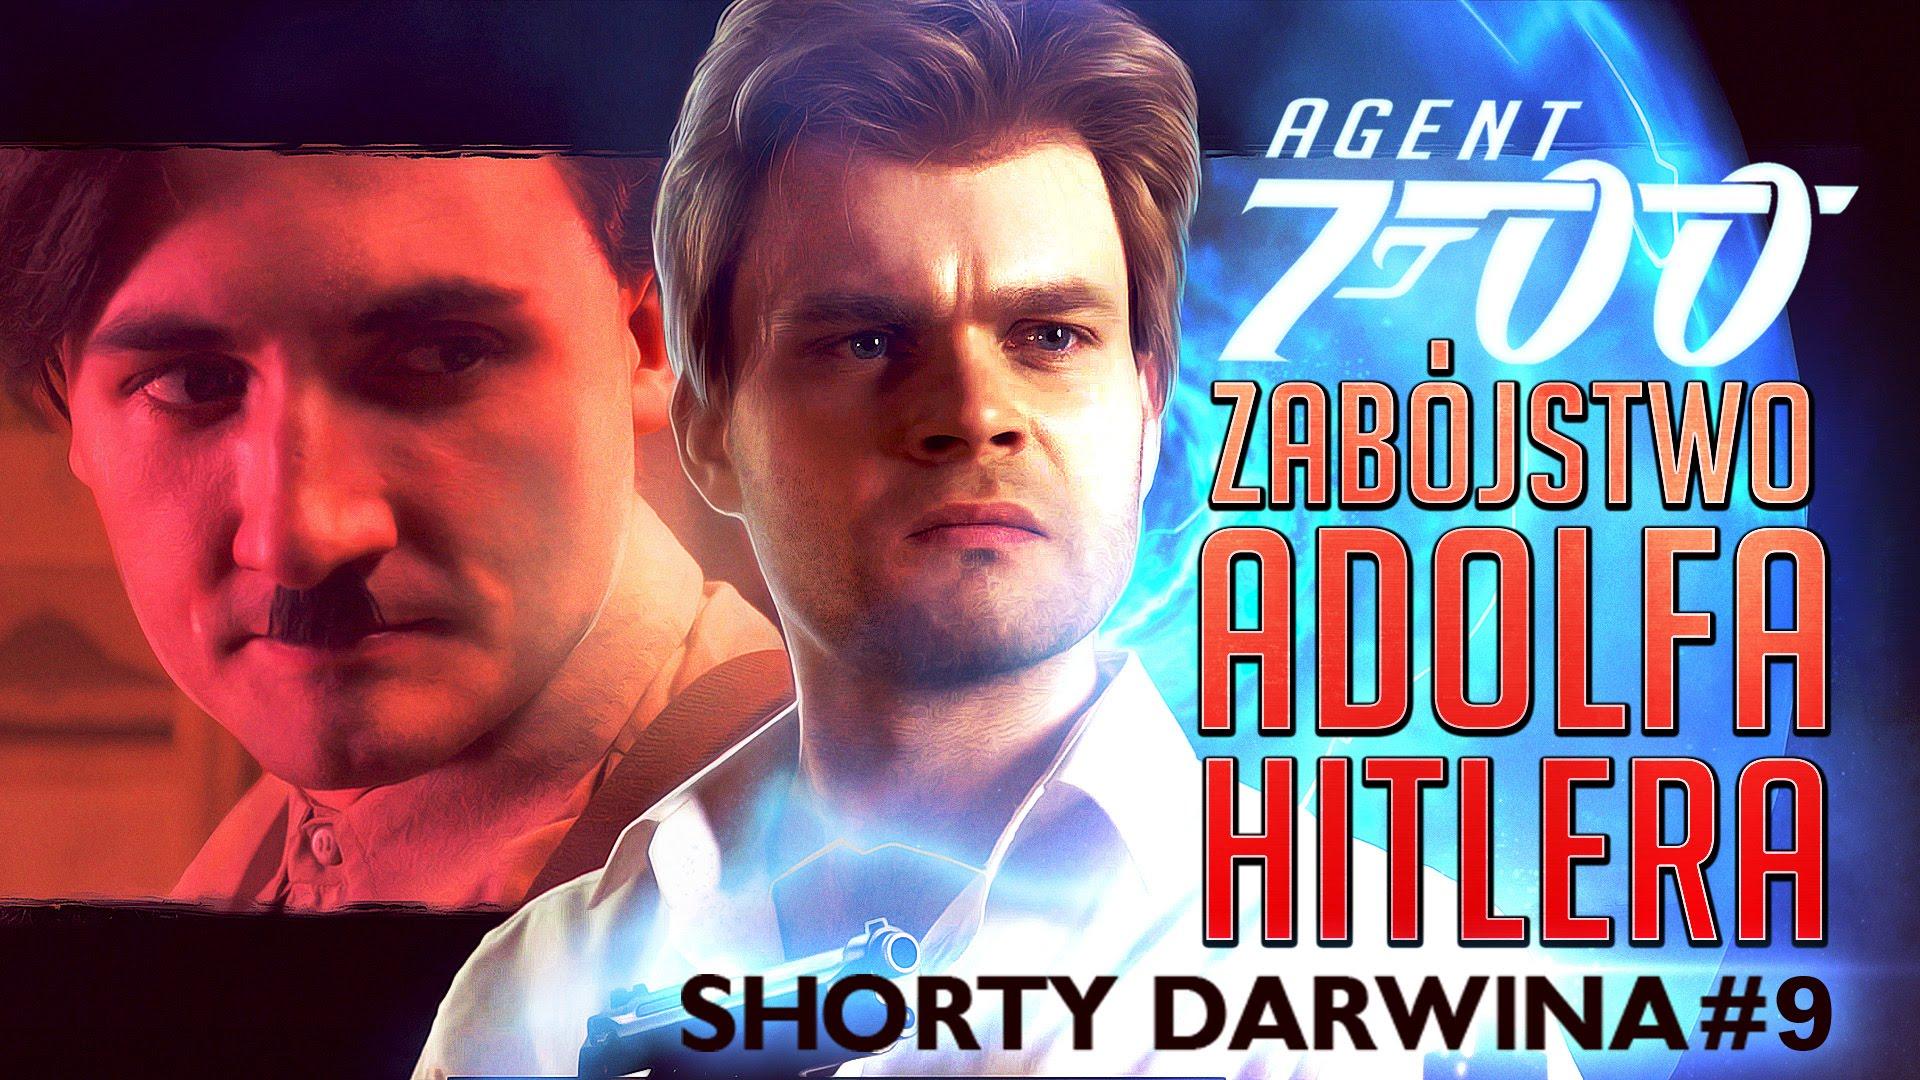 Agent 700 3